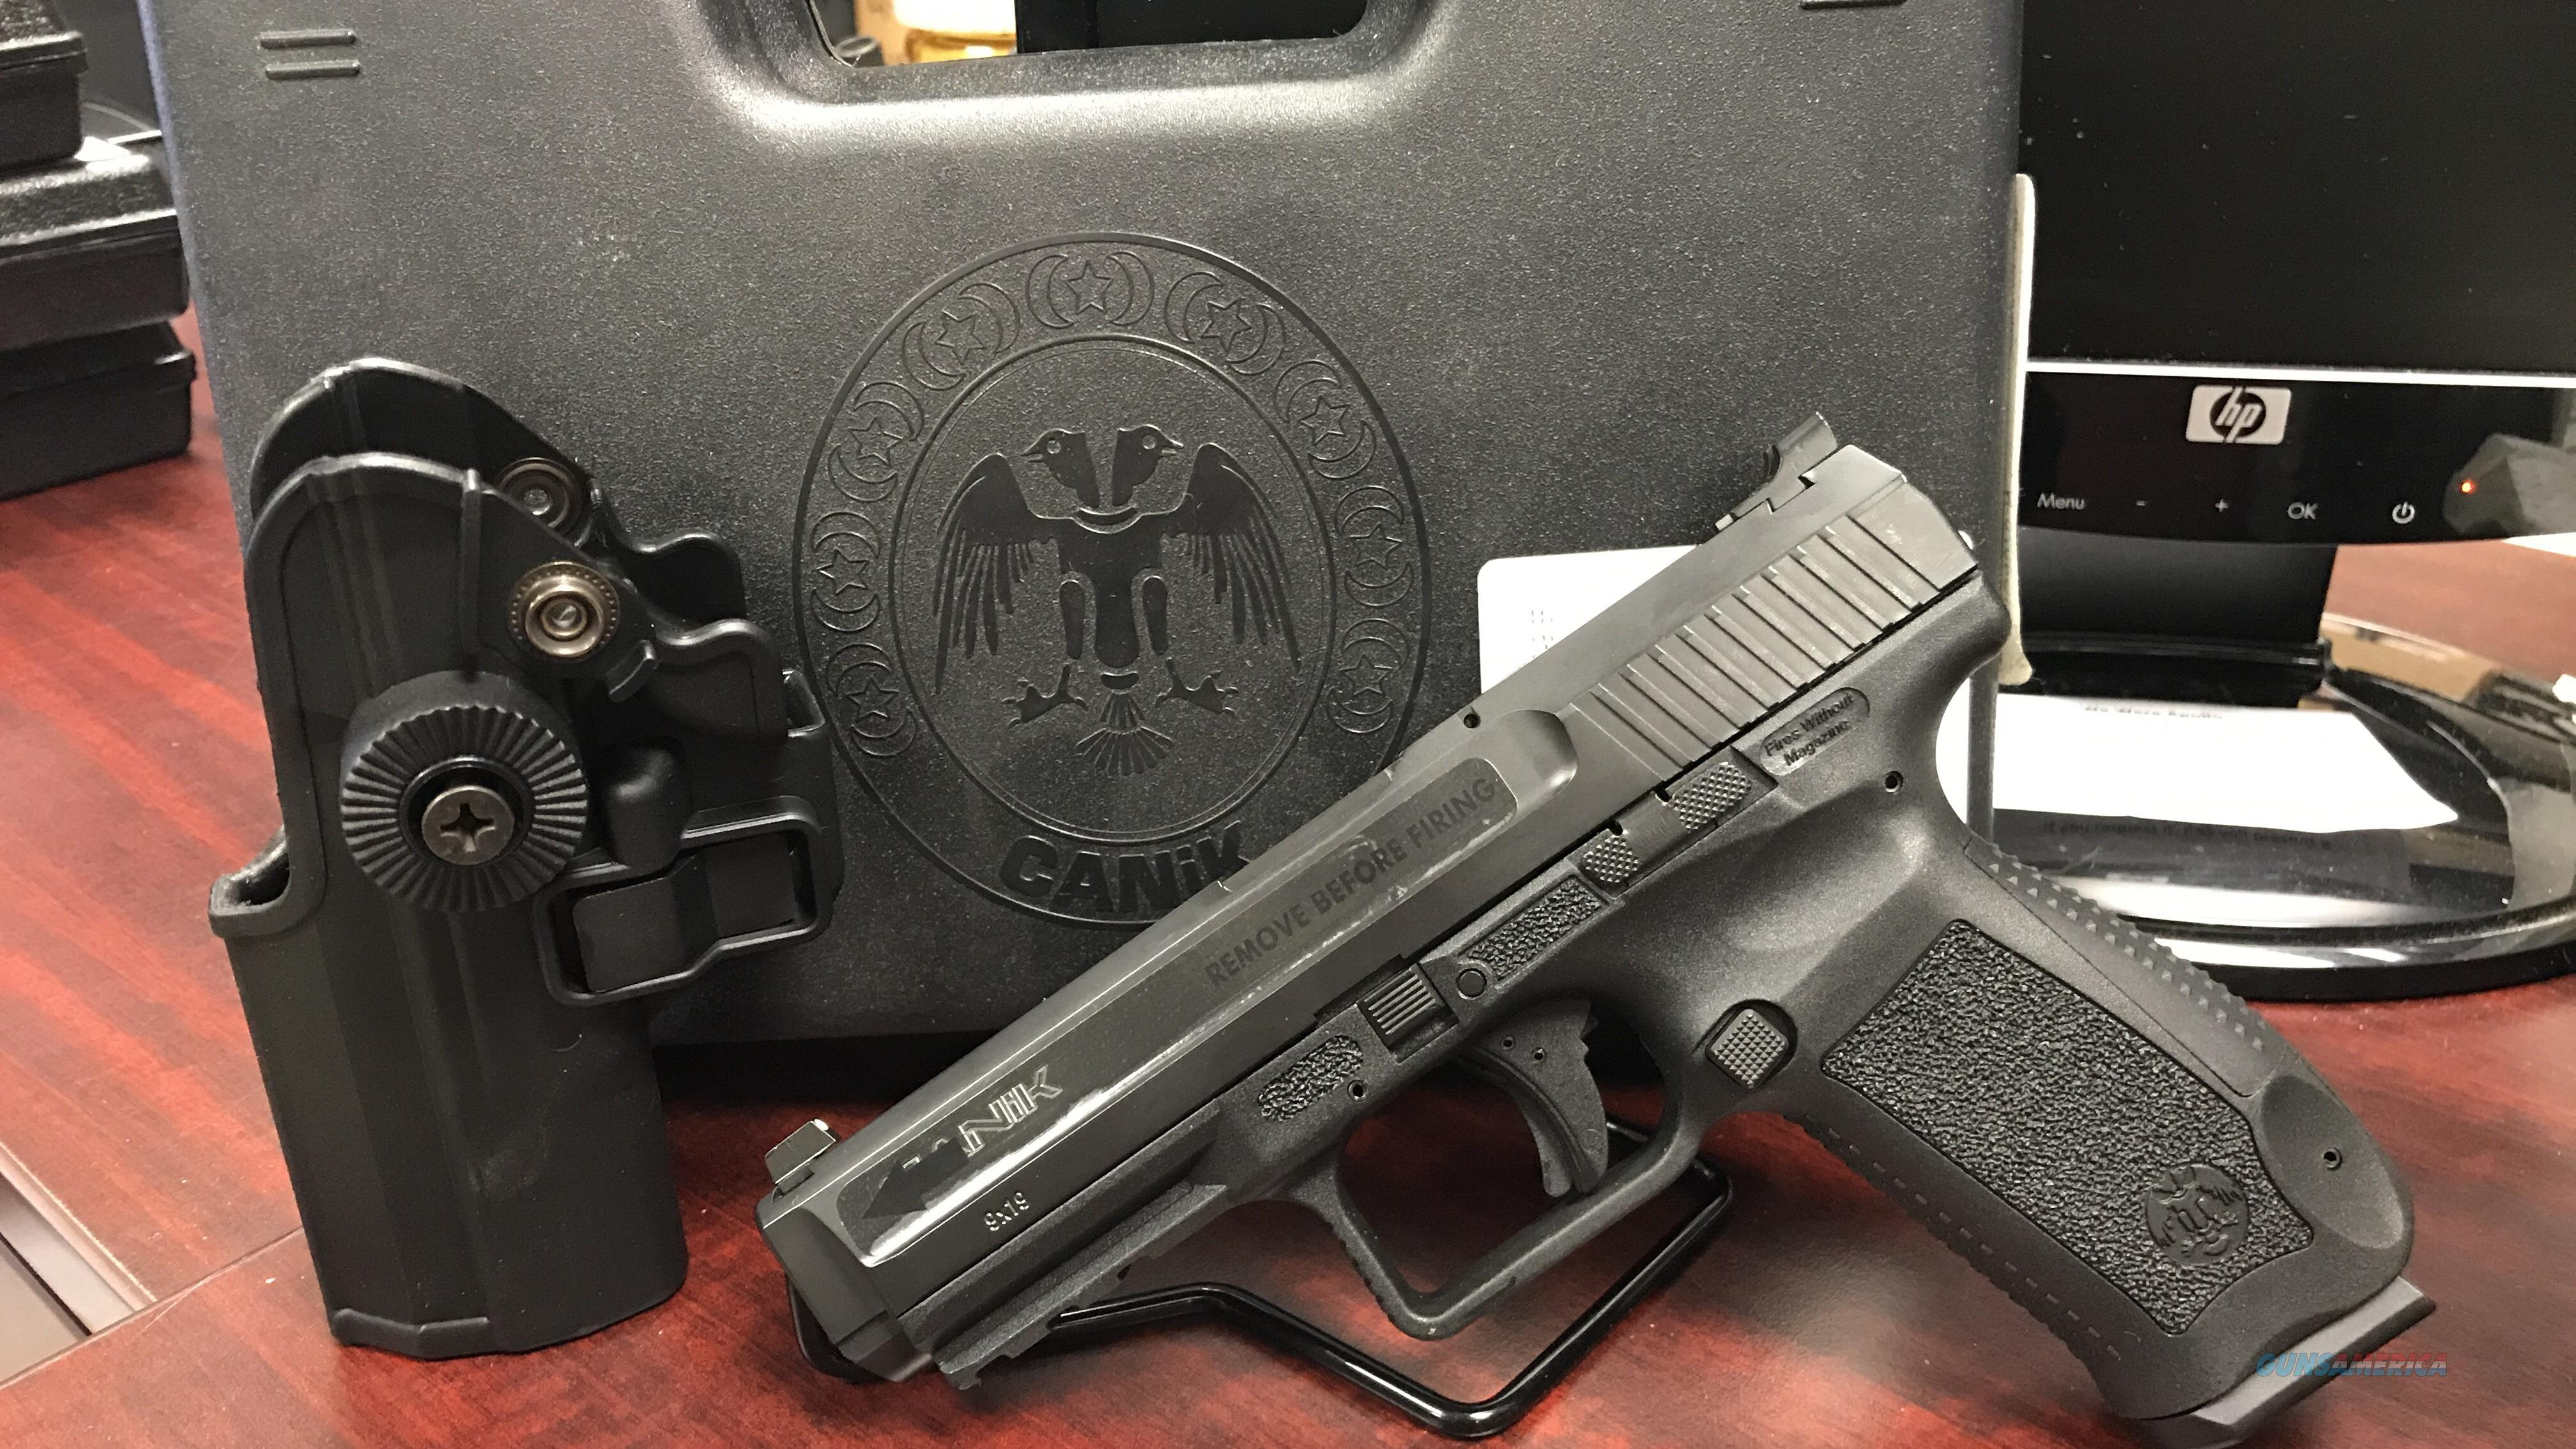 CANIK USA      FREE SHIPPING  Guns > Pistols > Canik USA Pistols